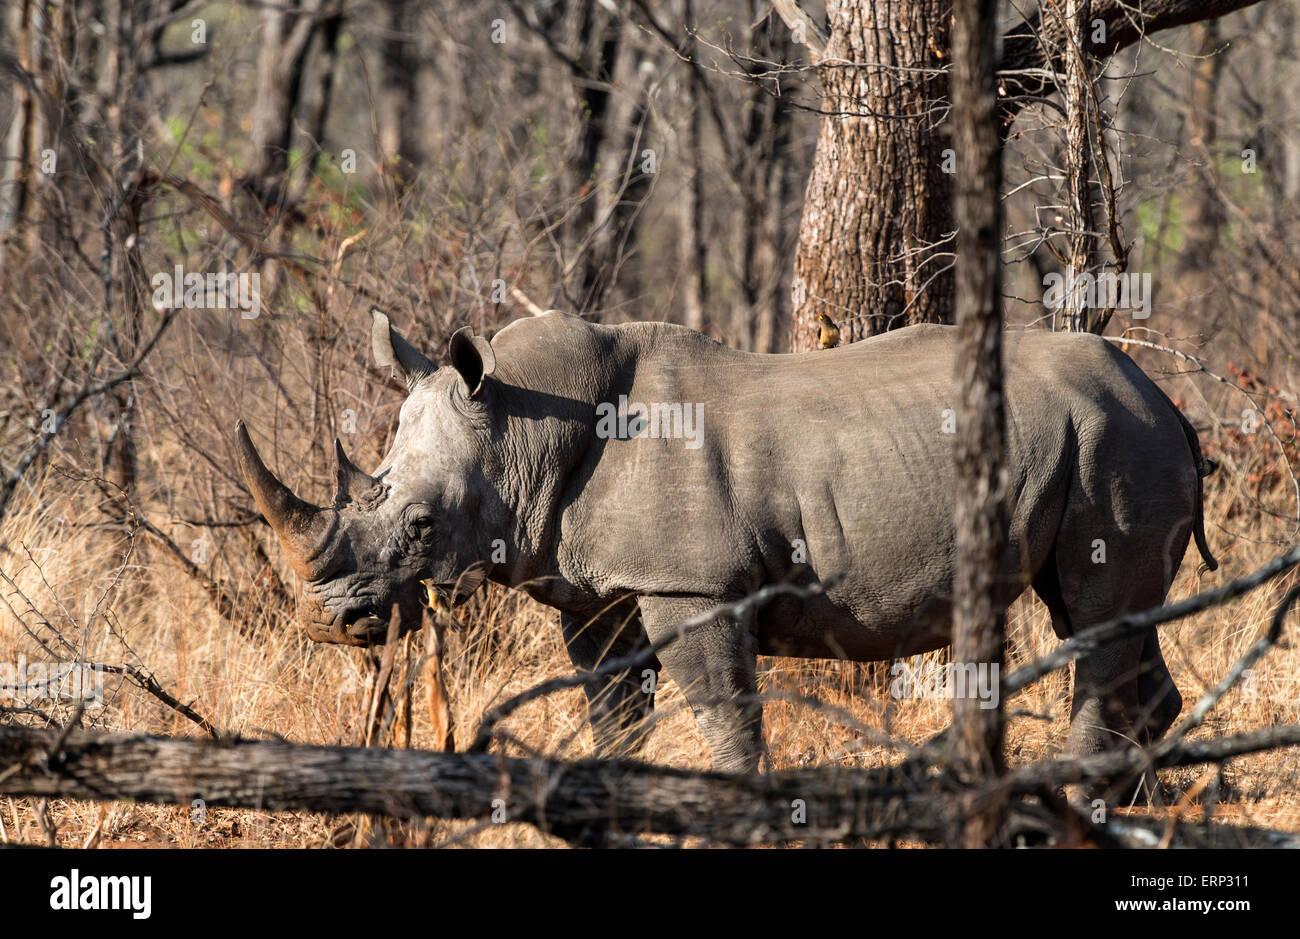 Rinoceronte bianco o piazza a labbro rinoceronte (Ceratotherium simum) Malilangwe Riserva Naturale dello Zimbabwe Immagini Stock